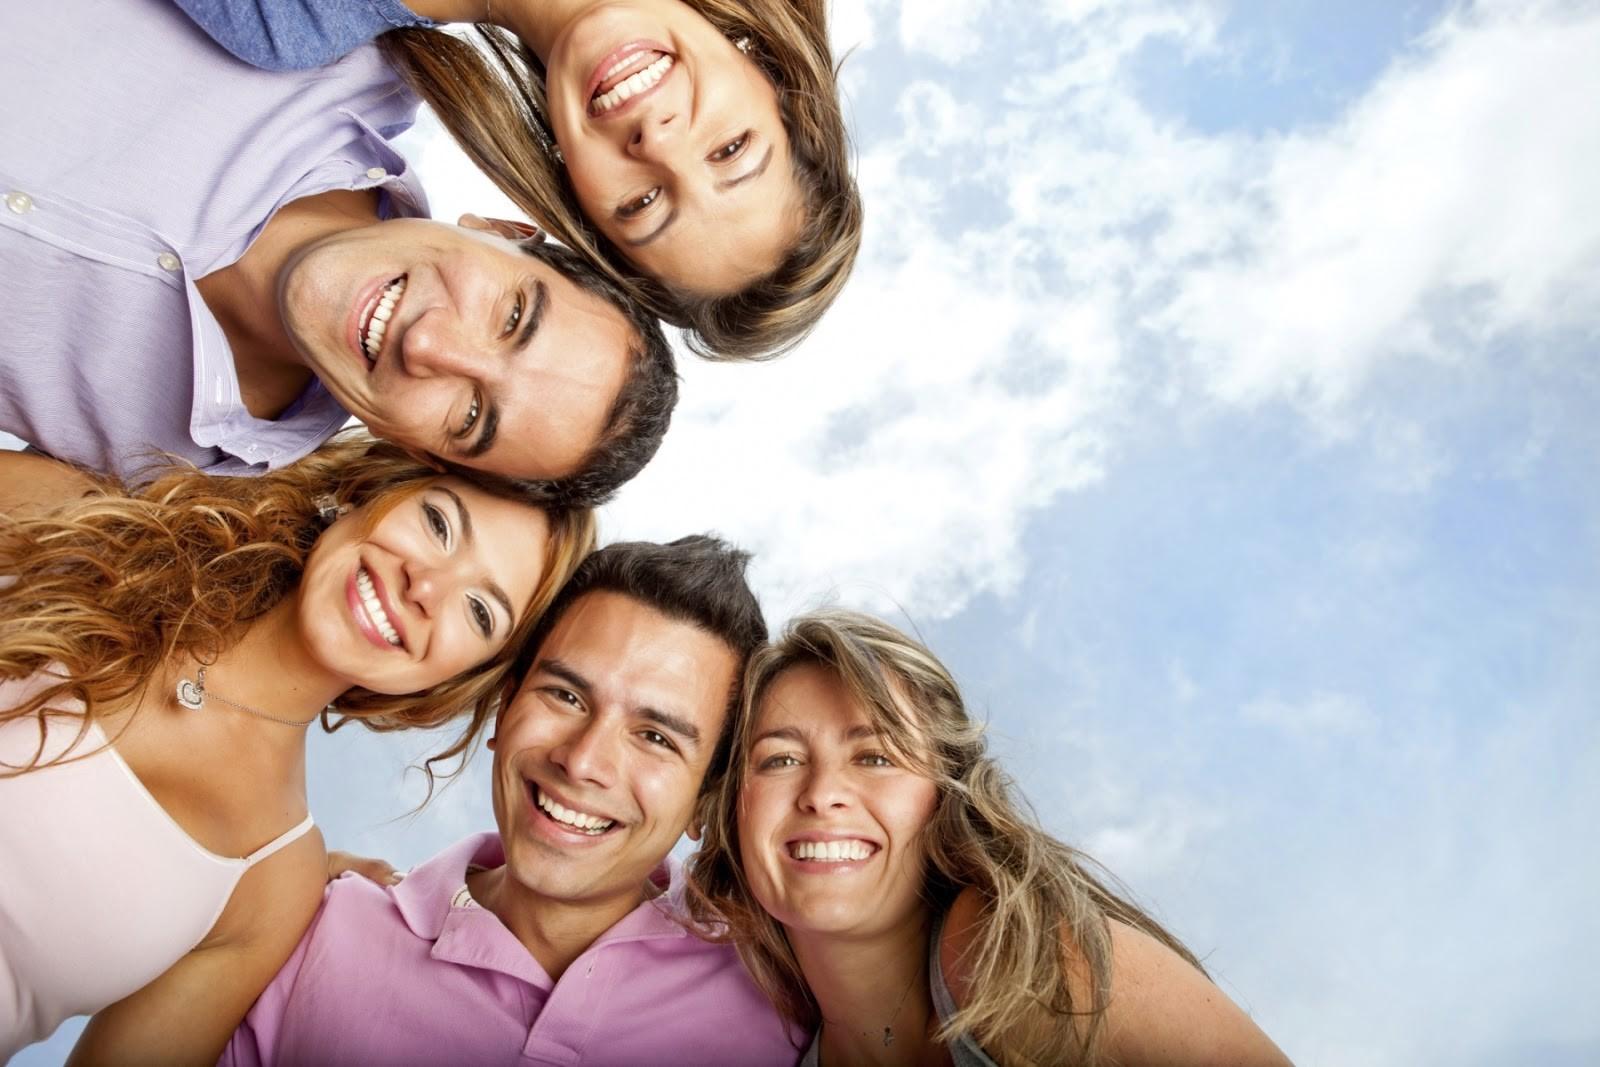 Trucos que te van a venir muy bien para mejorar tu salud y disfrutar de más energía 1